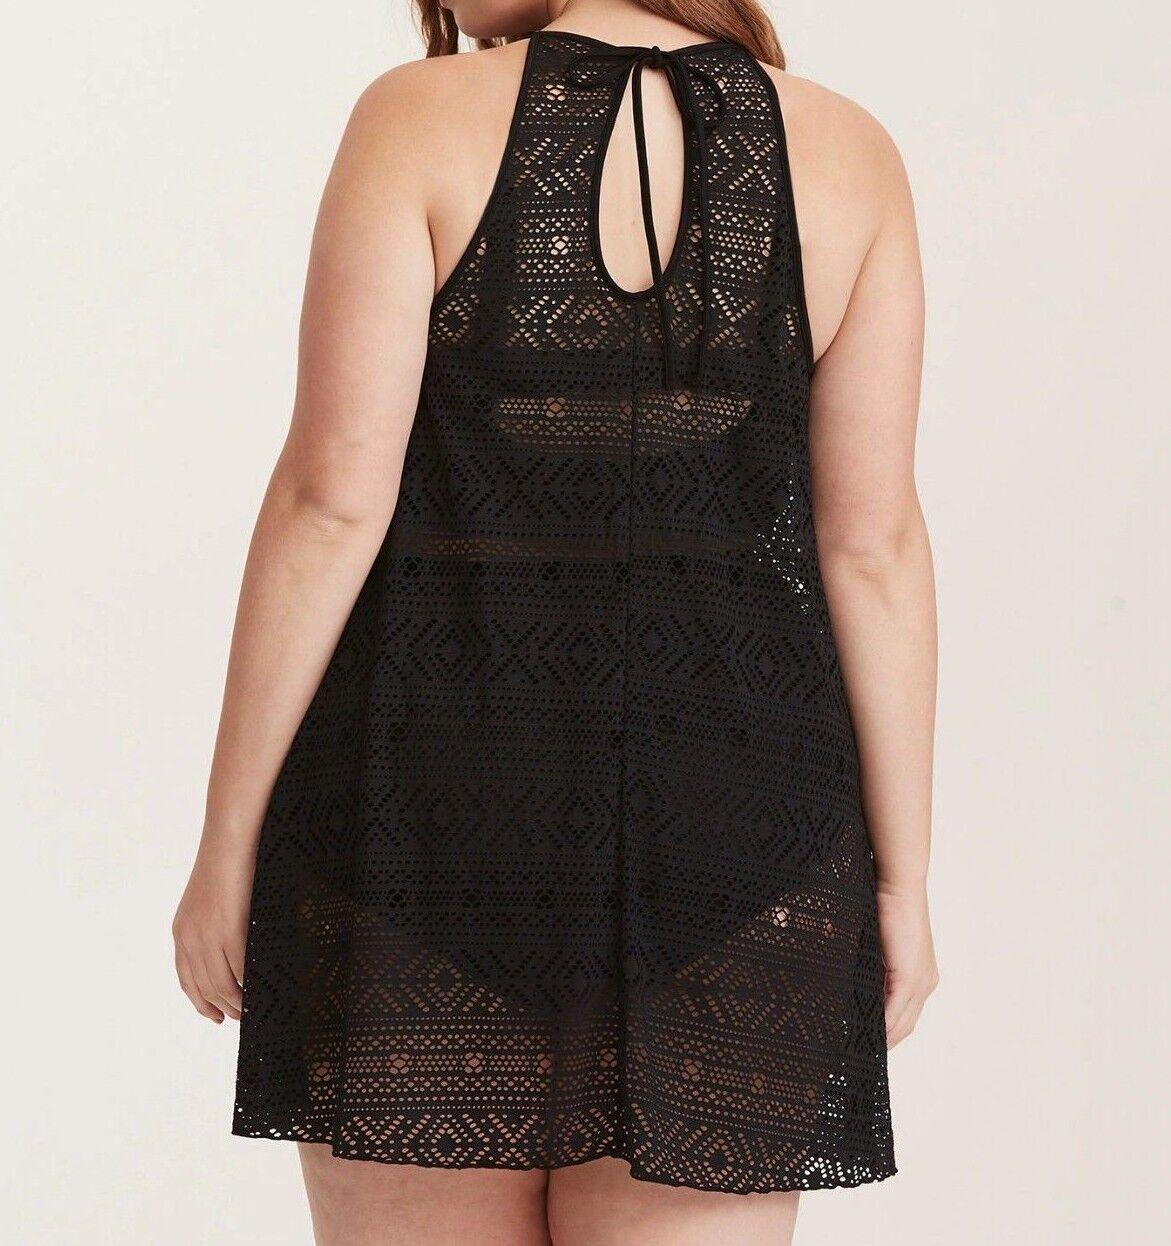 b52aa20af4 Torrid Black Crochet Halter Neck Swim Cover up 2x 18 20  12207 for ...